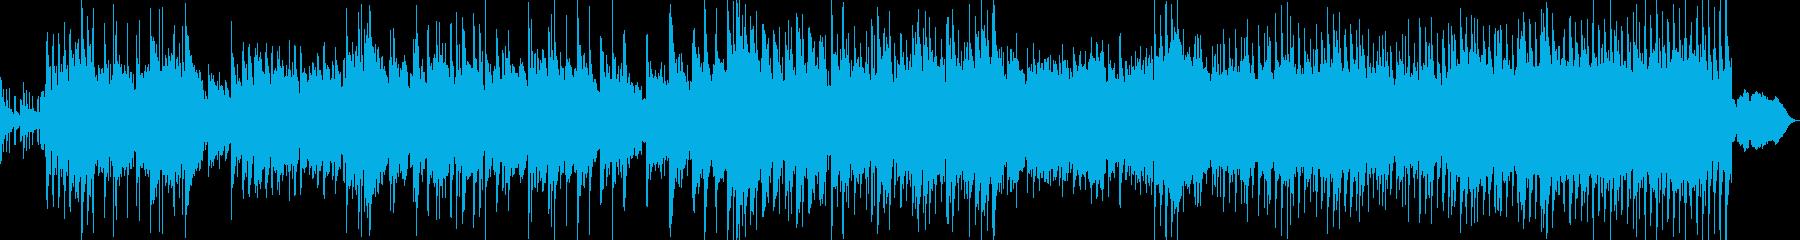 和風BGMオーケストラピアノ楽曲映像の再生済みの波形